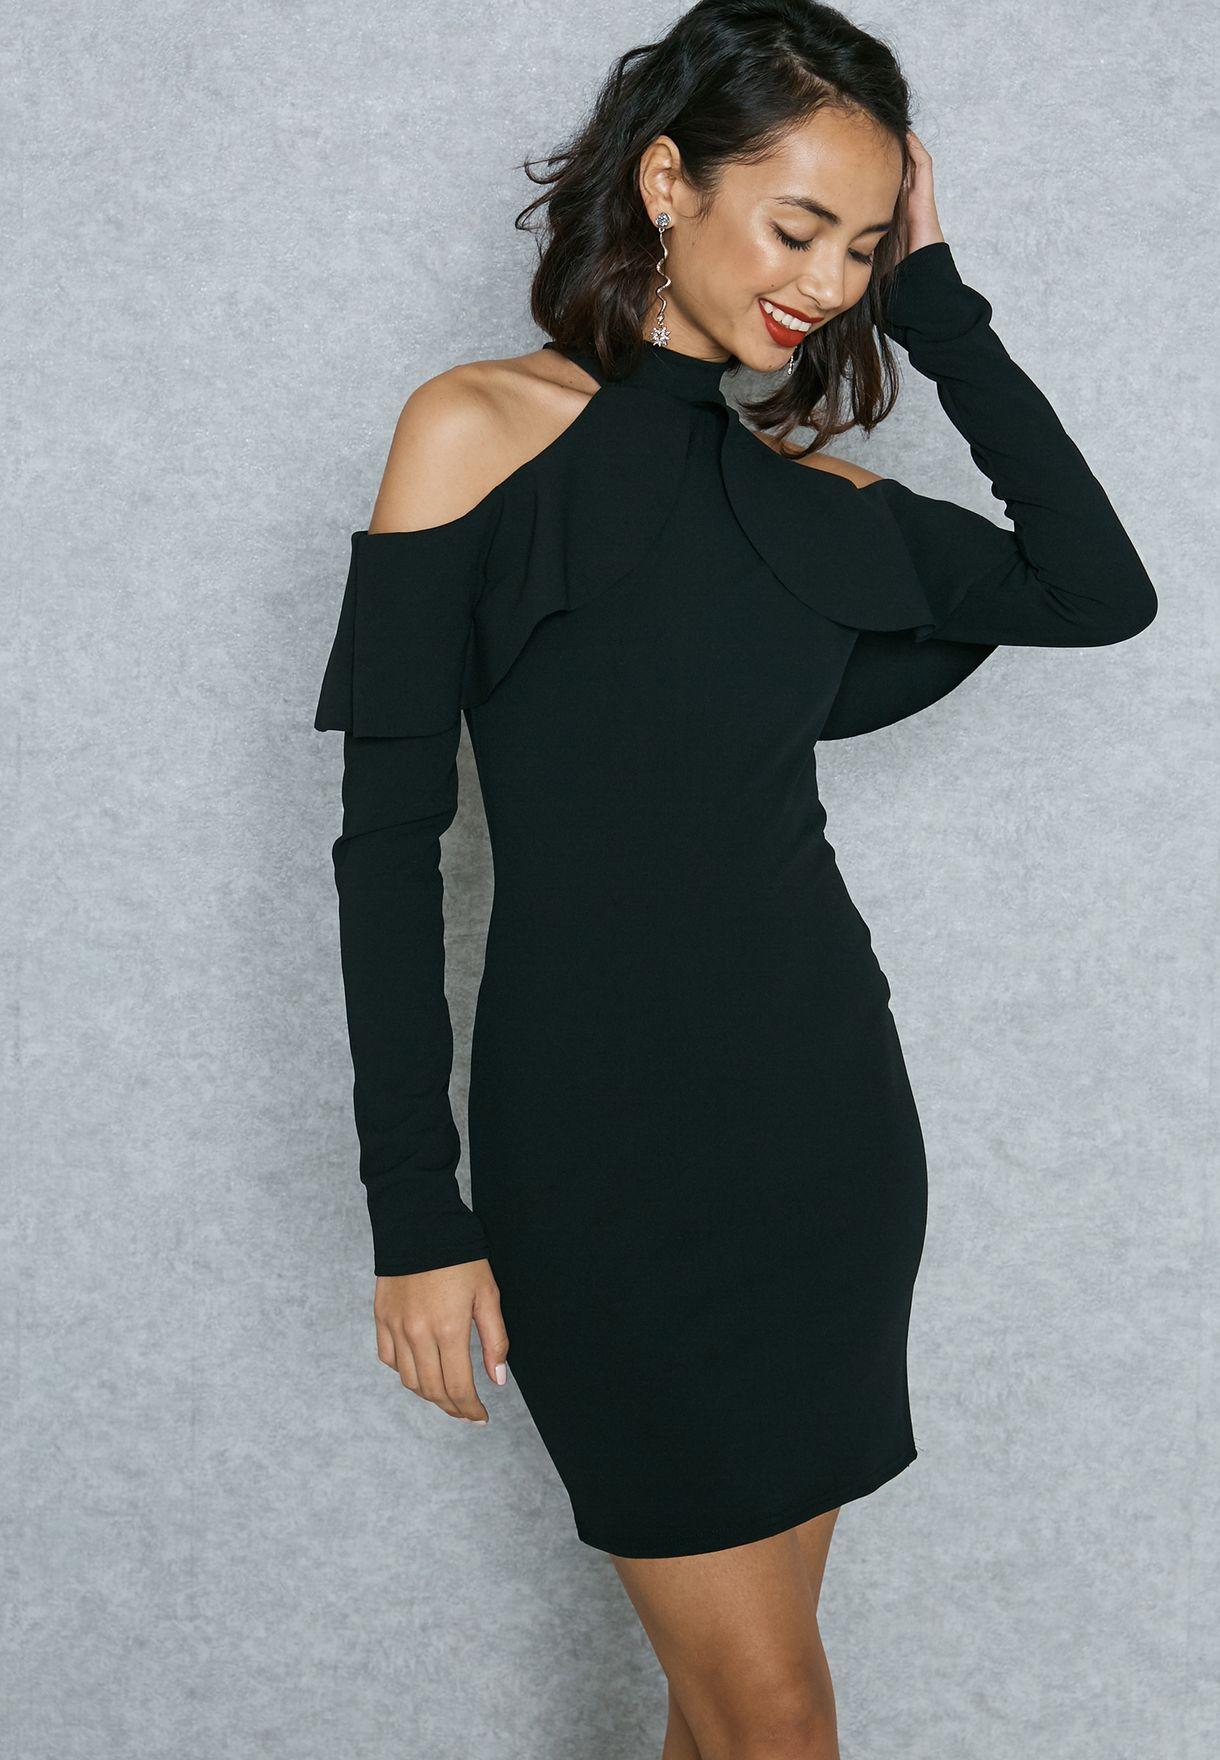 dd479871e6 Shop Missguided black Ruffle Cold Shoulder Dress DE907852 for Women ...